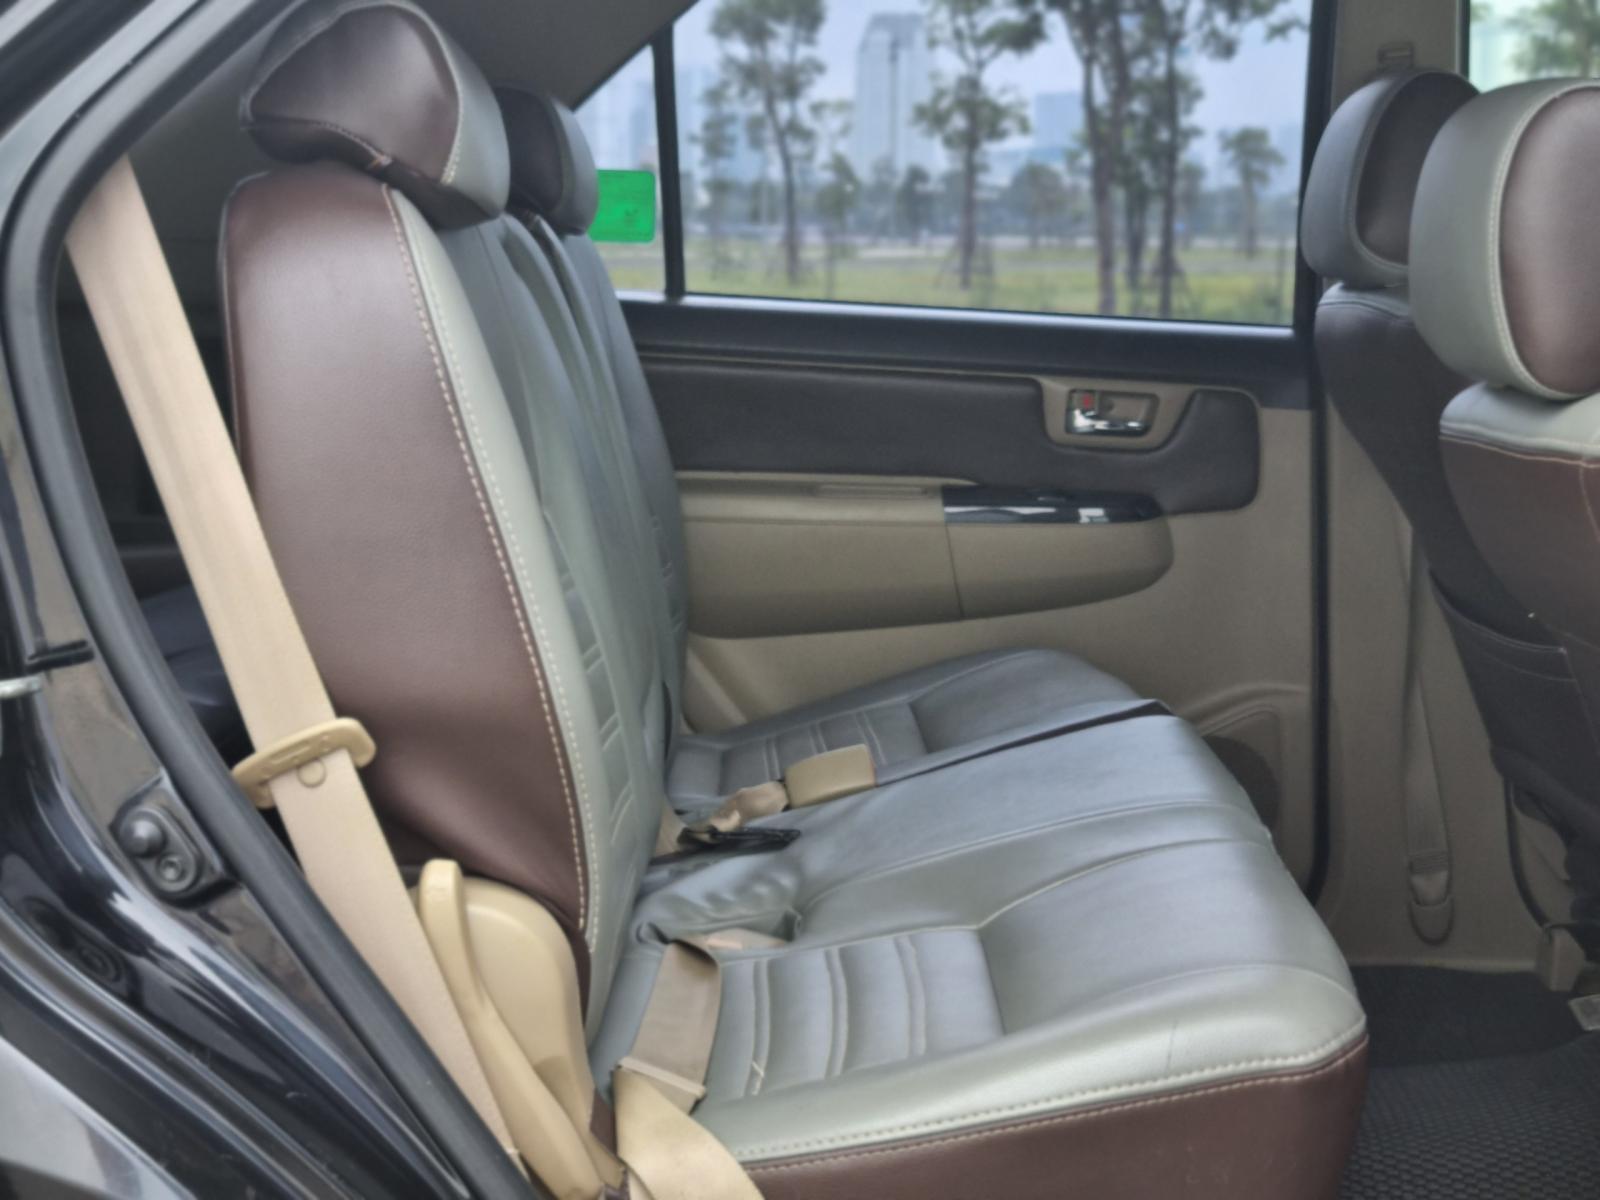 Cần bán gấp Toyota Fortuner 2016, màu đen, số sàn, giá 715tr